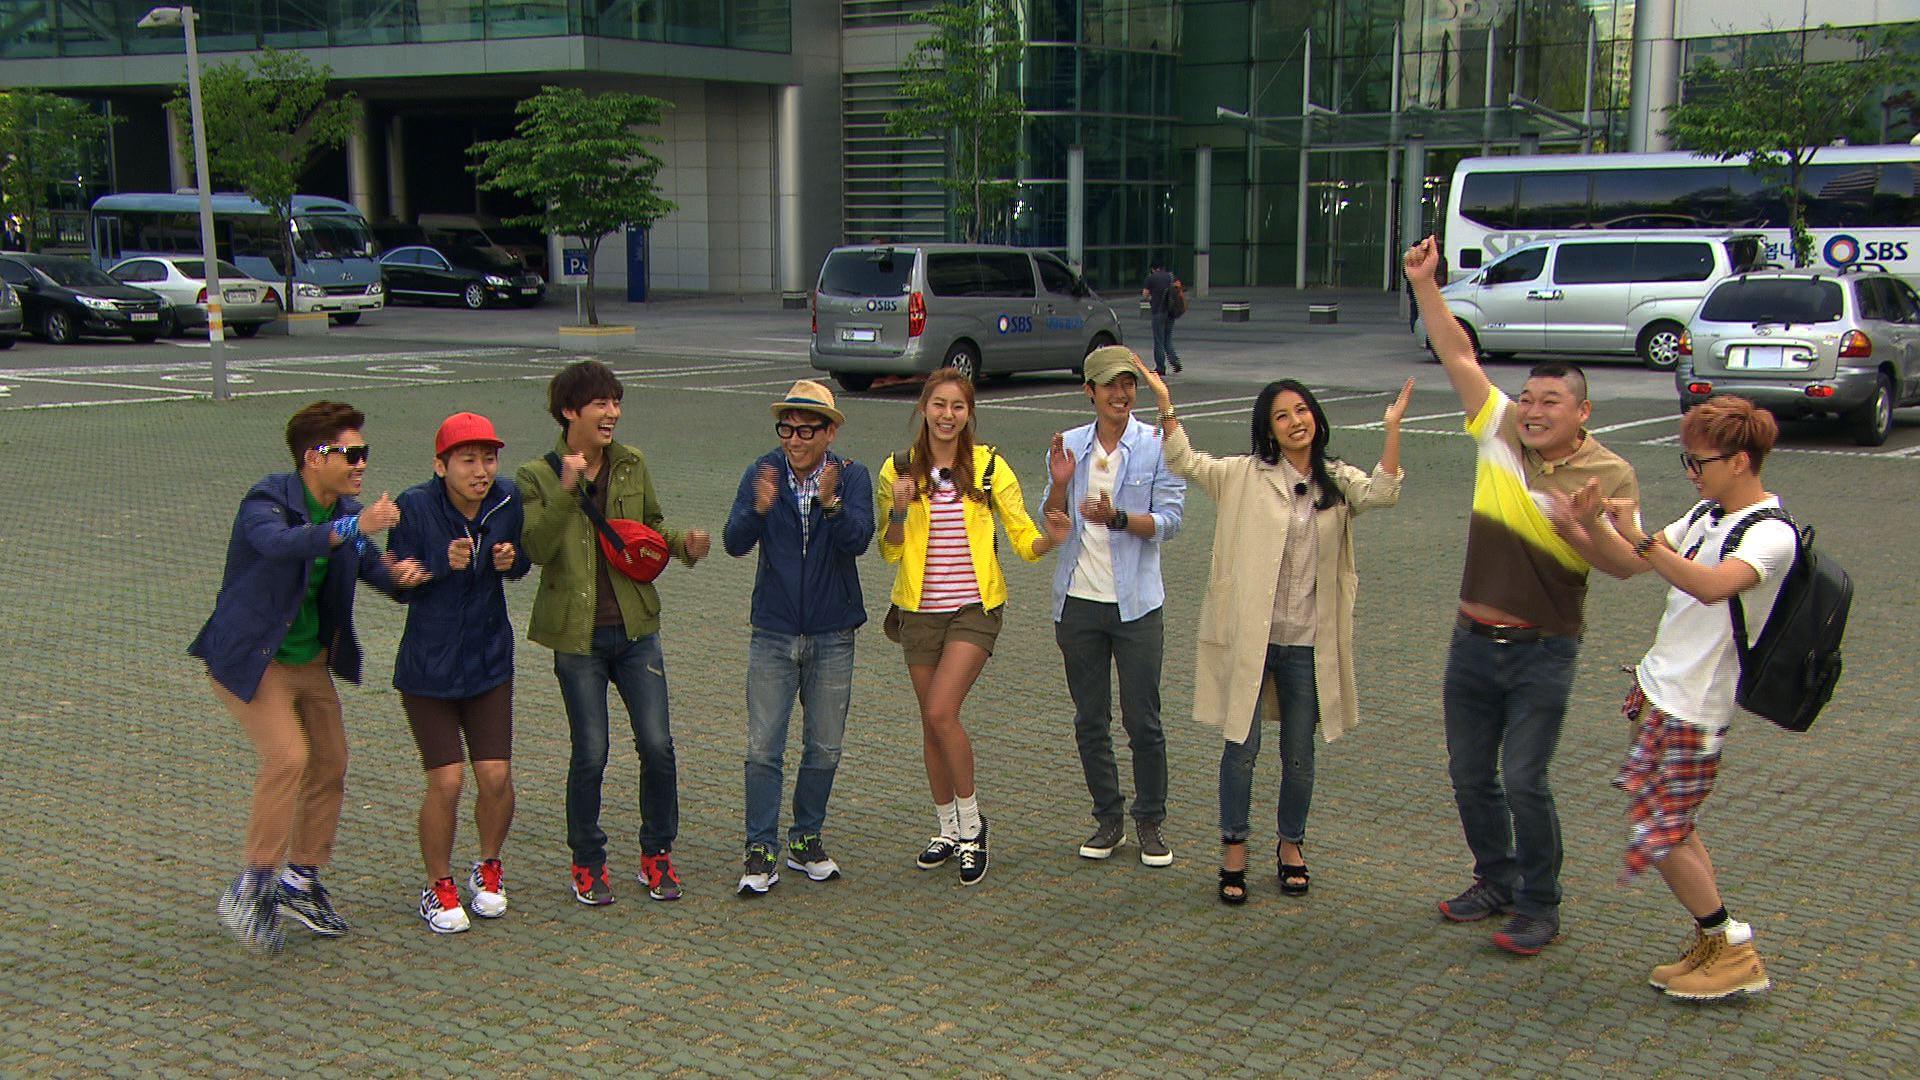 05.24】【综艺】《赤脚的朋友们》李孝利,与姜